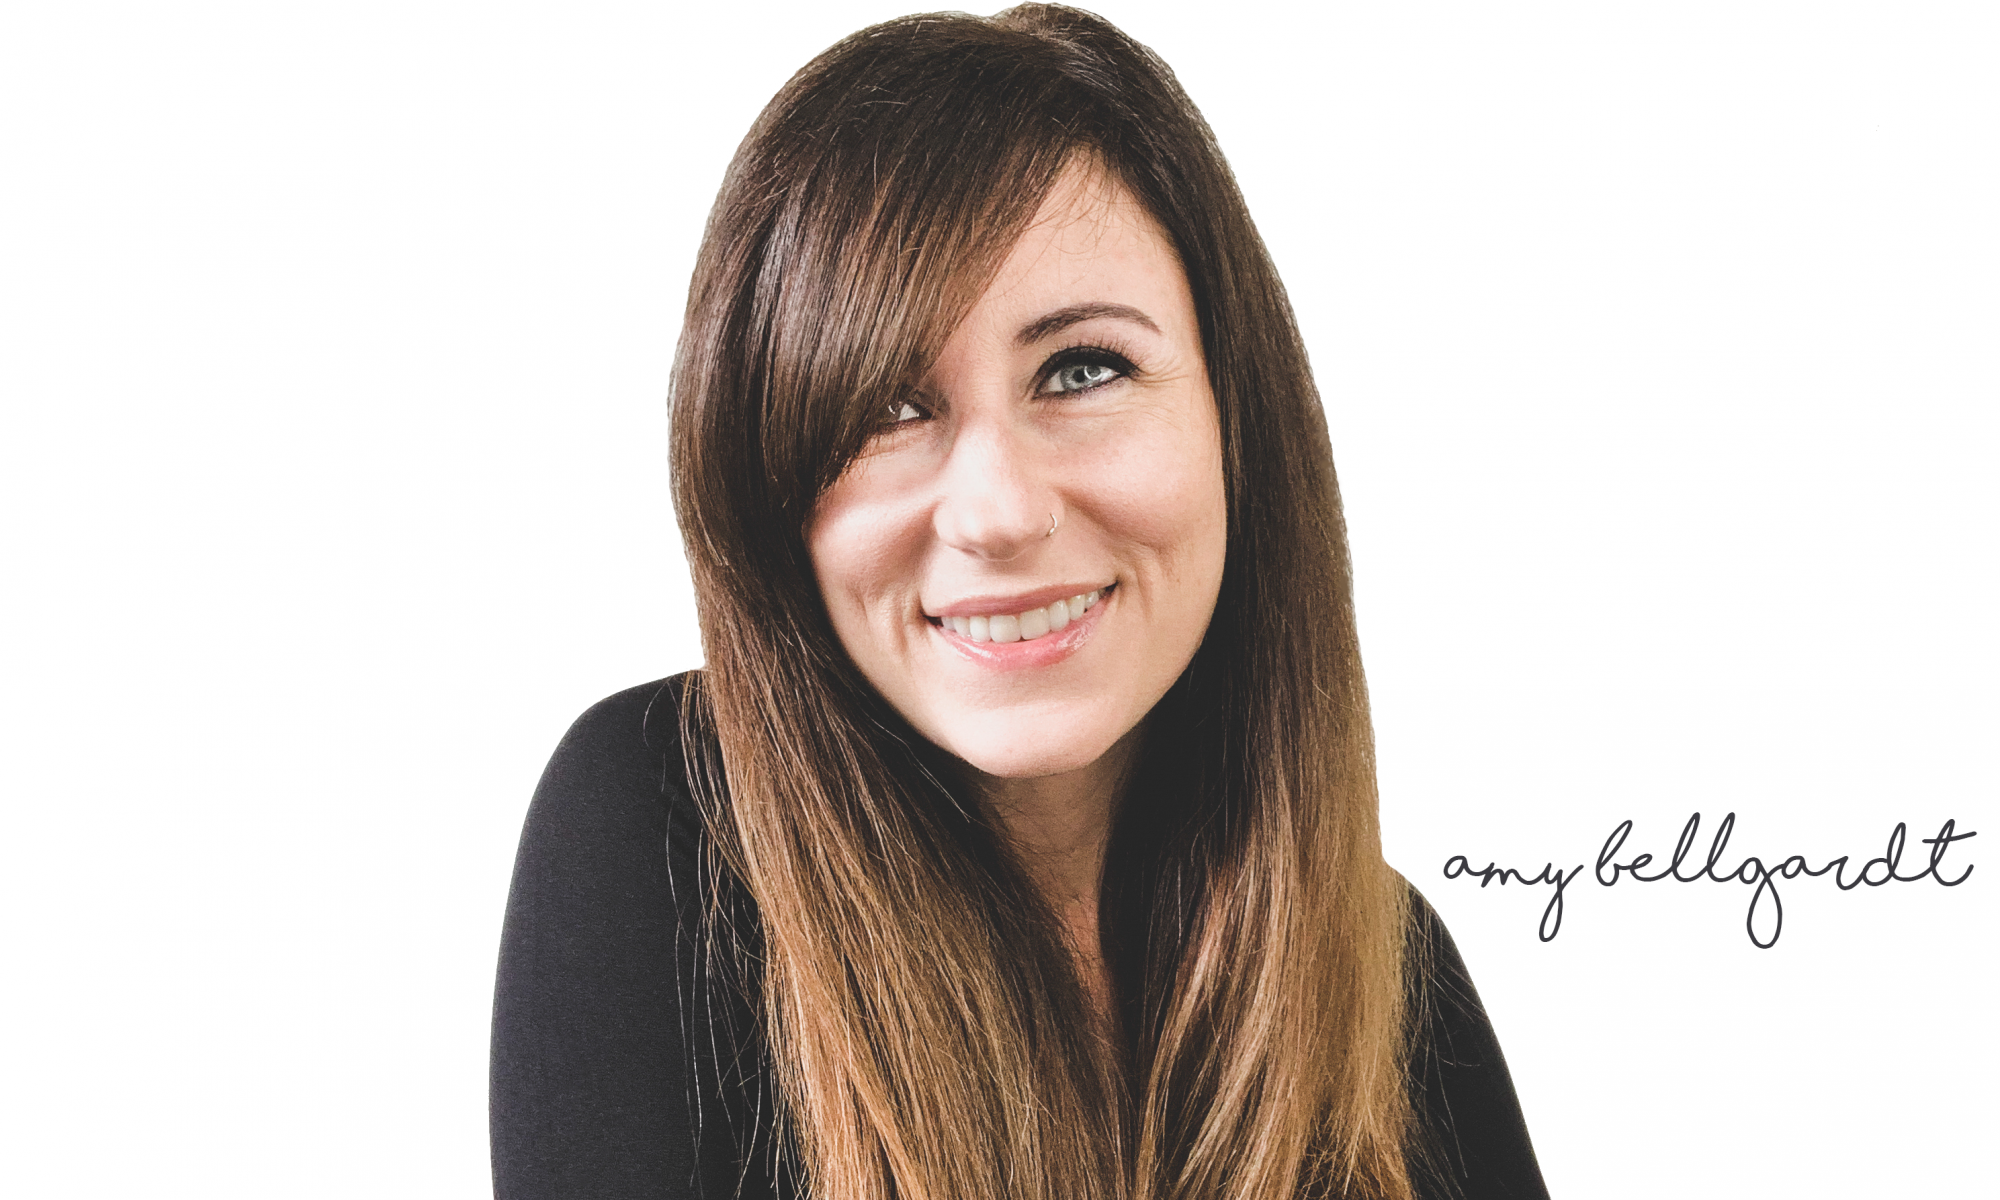 AmyBellgardtHeader-2